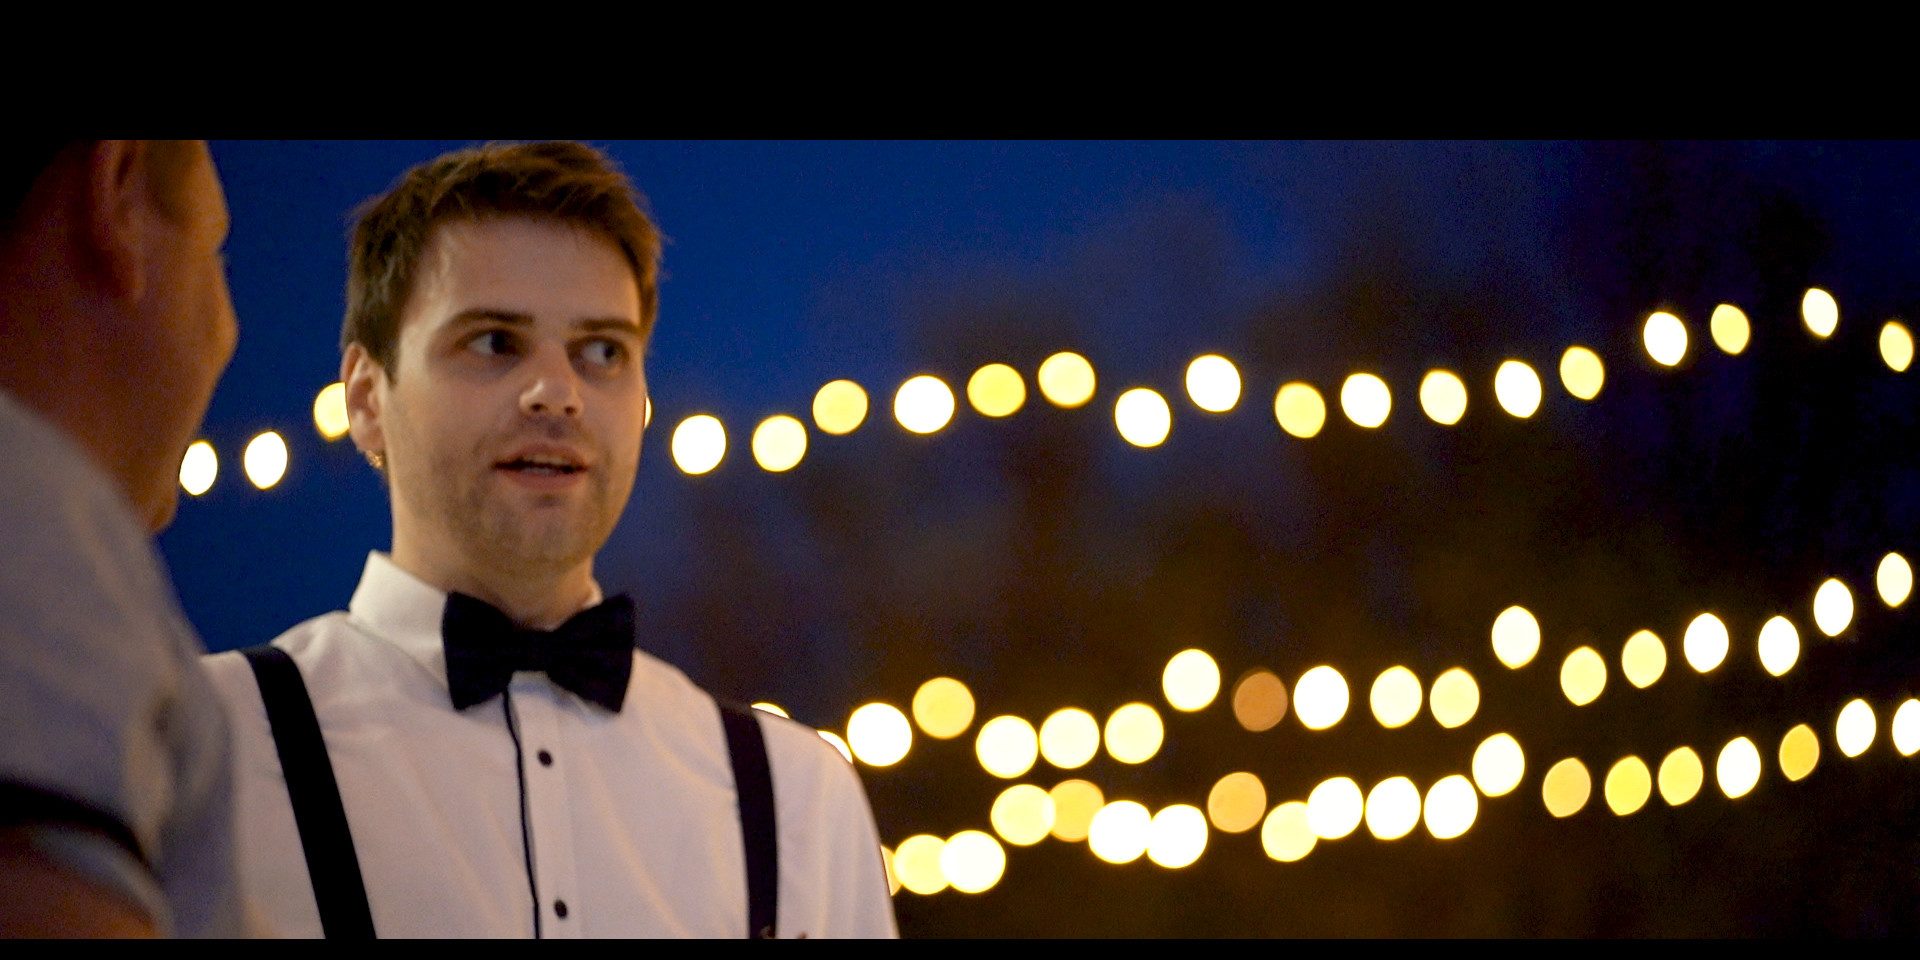 Wedding-ShortFilm.00_03_23_24.Still026.j